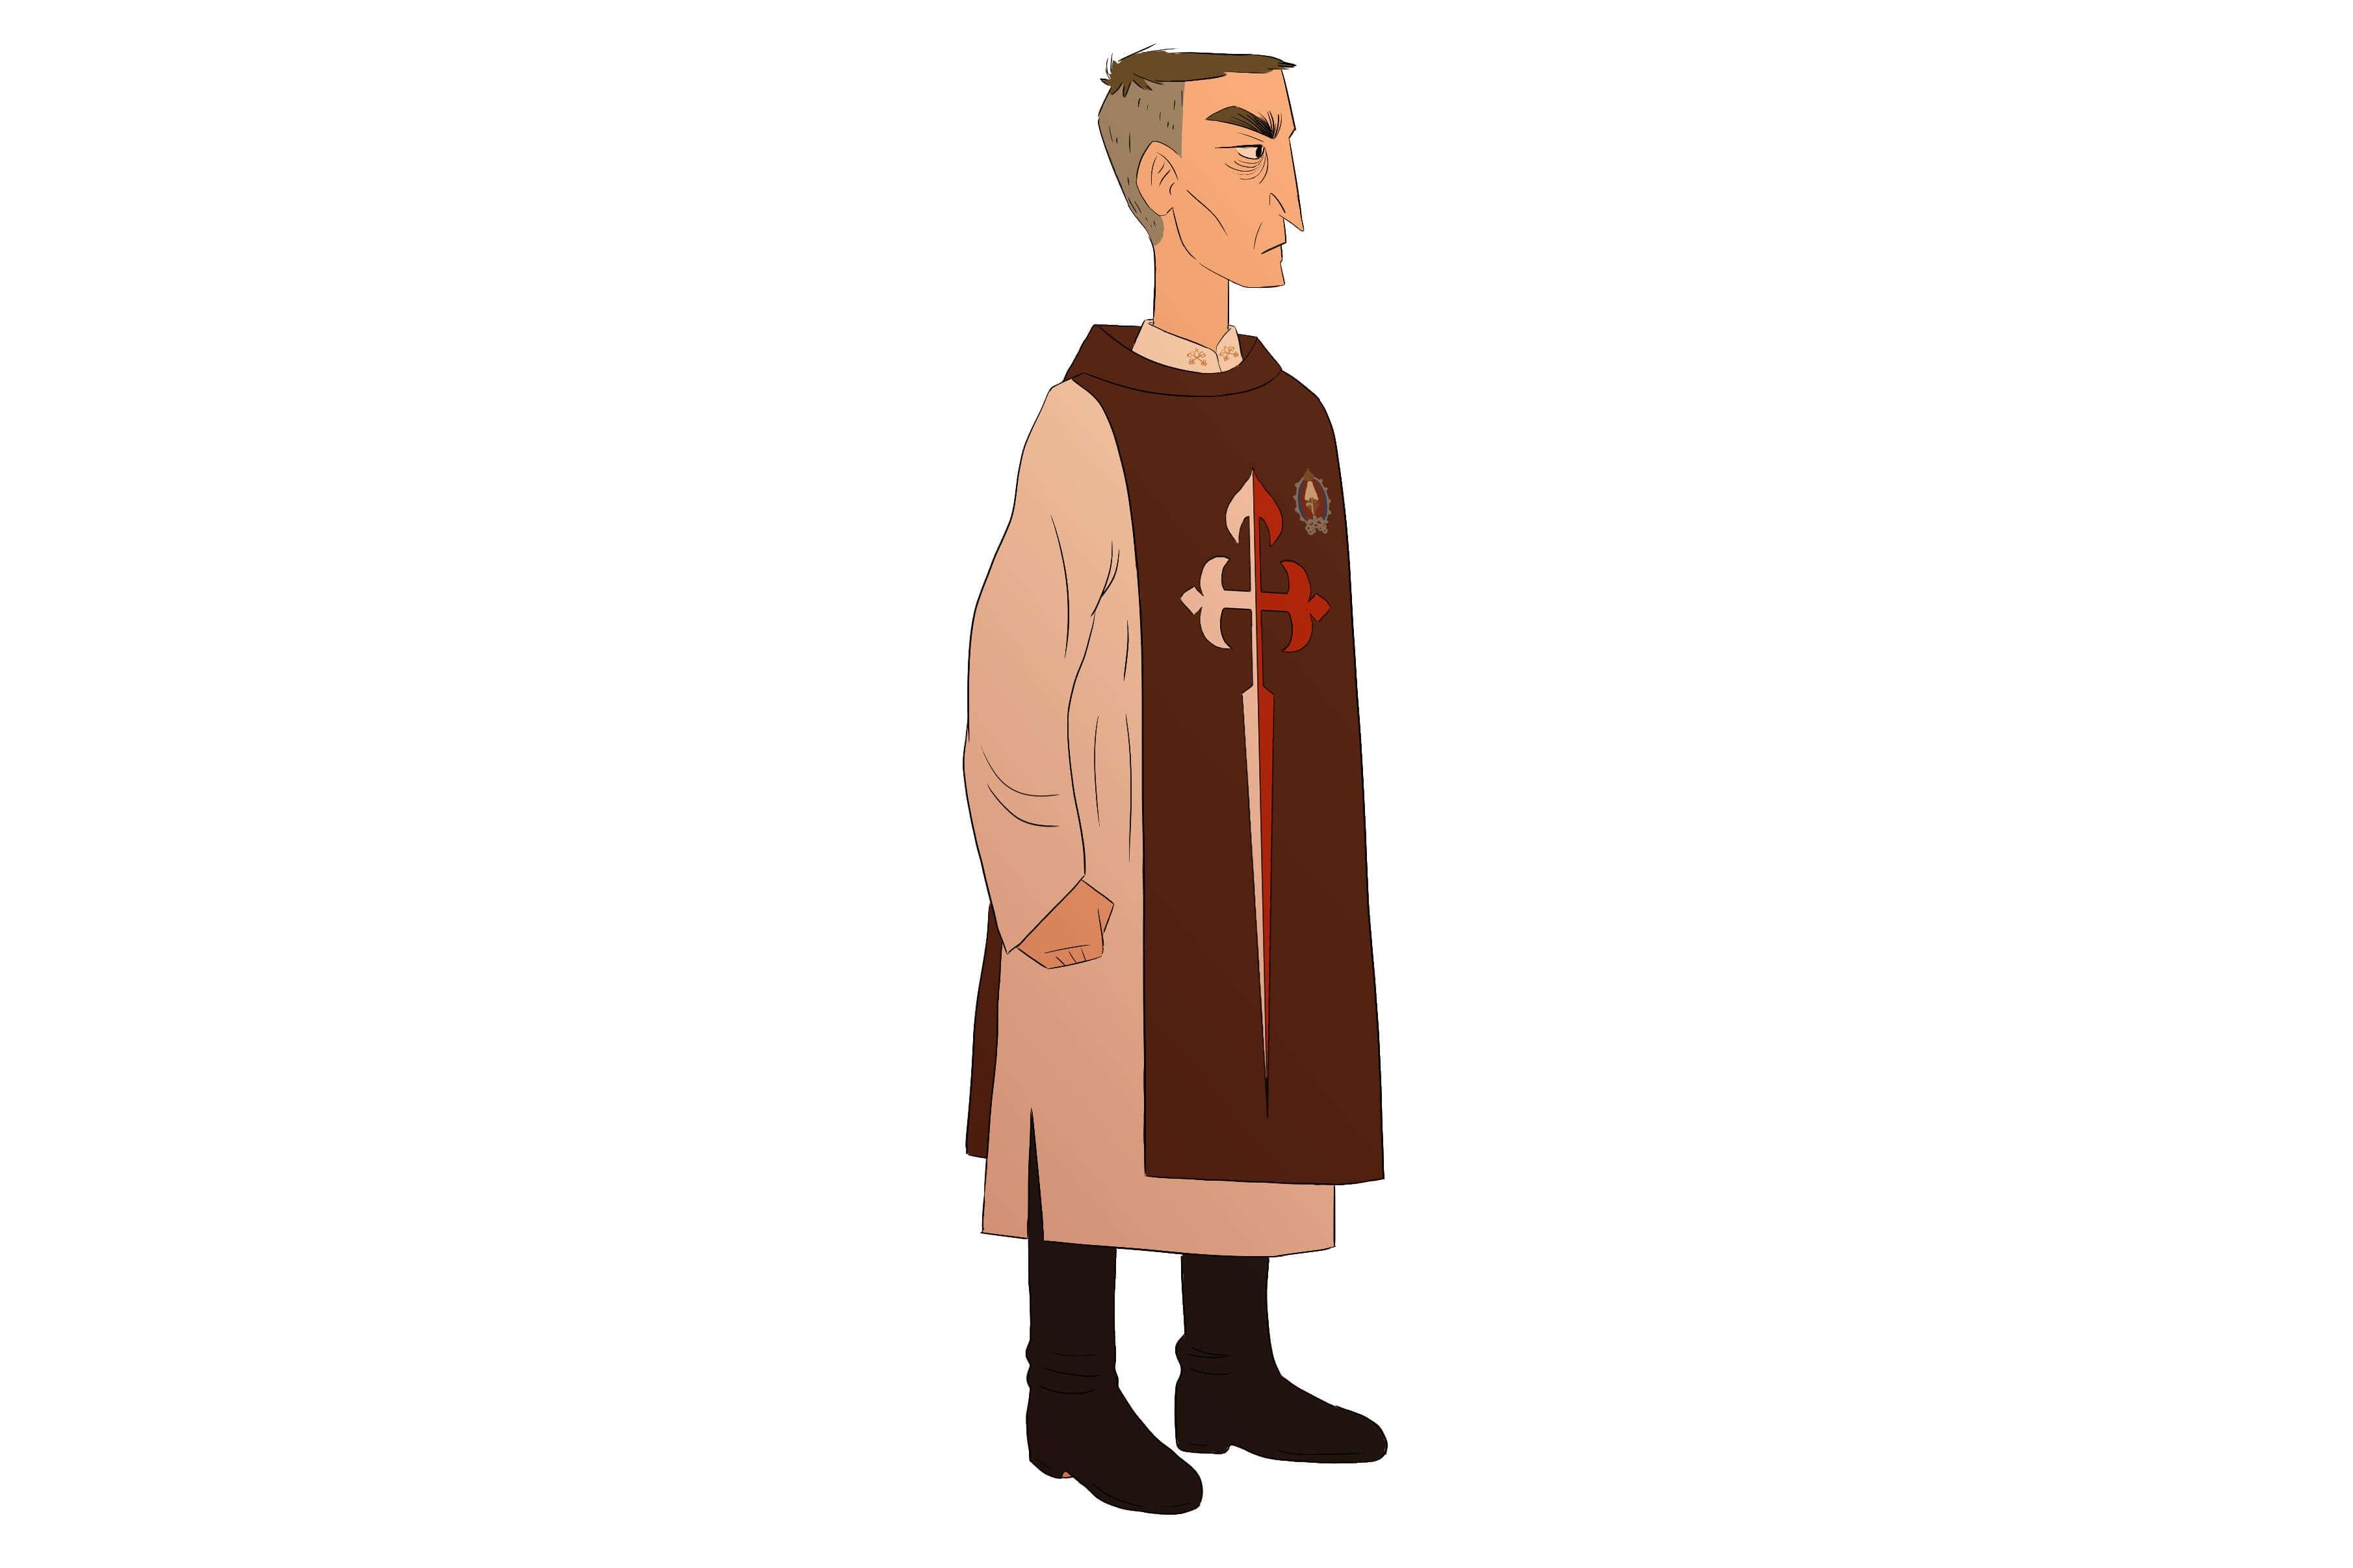 BRASIL Arautos do Evangelho: quem são os religiosos que exploram jovens